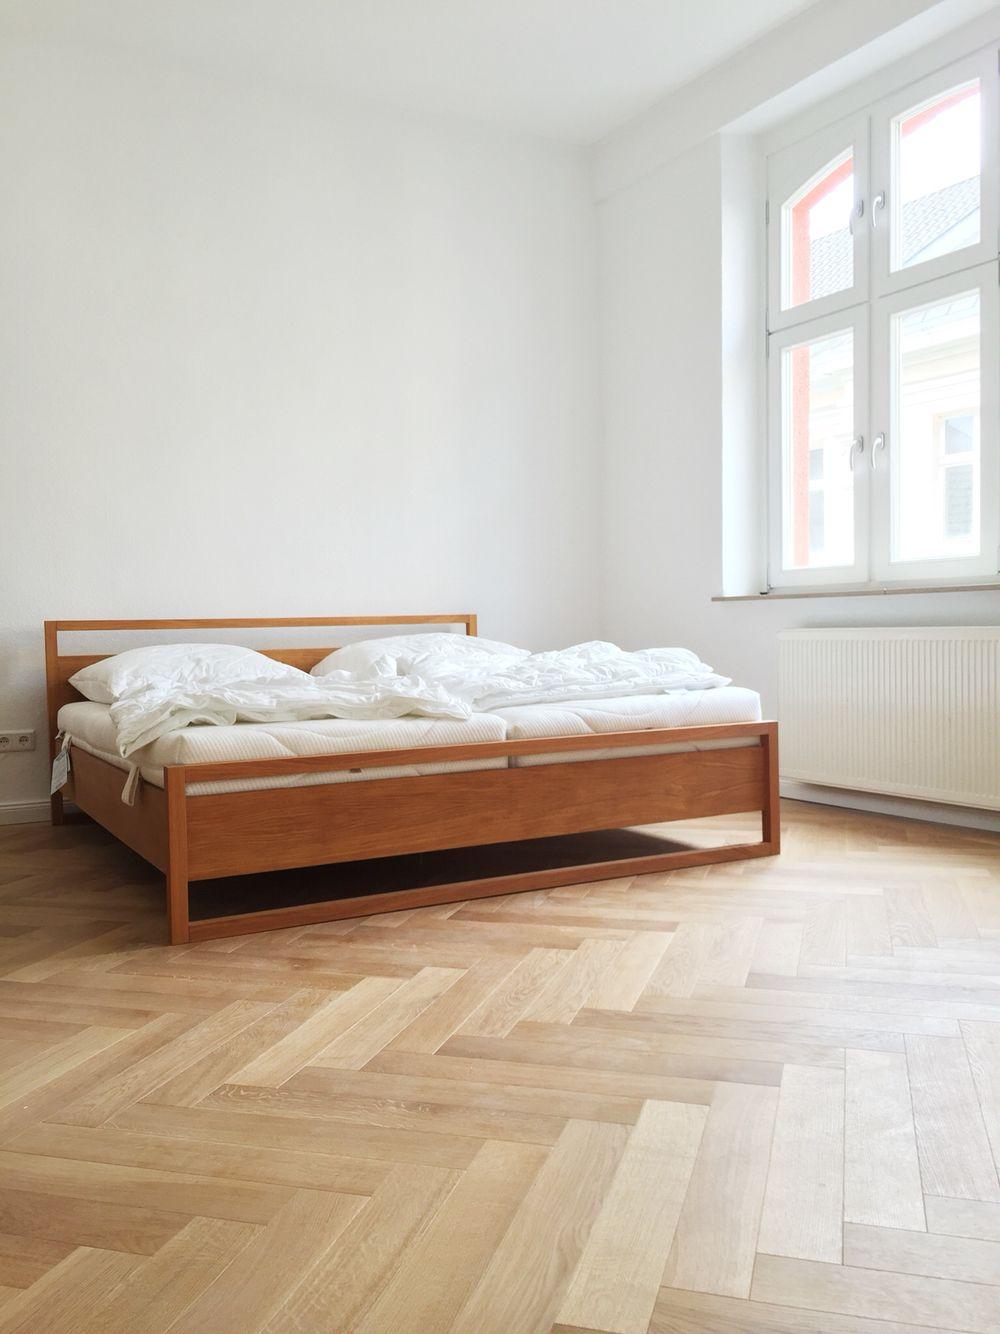 offenes schlafzimmer im altbau deckenh he 310 cm holzfenster denkmalgesch tzt fischgr t. Black Bedroom Furniture Sets. Home Design Ideas